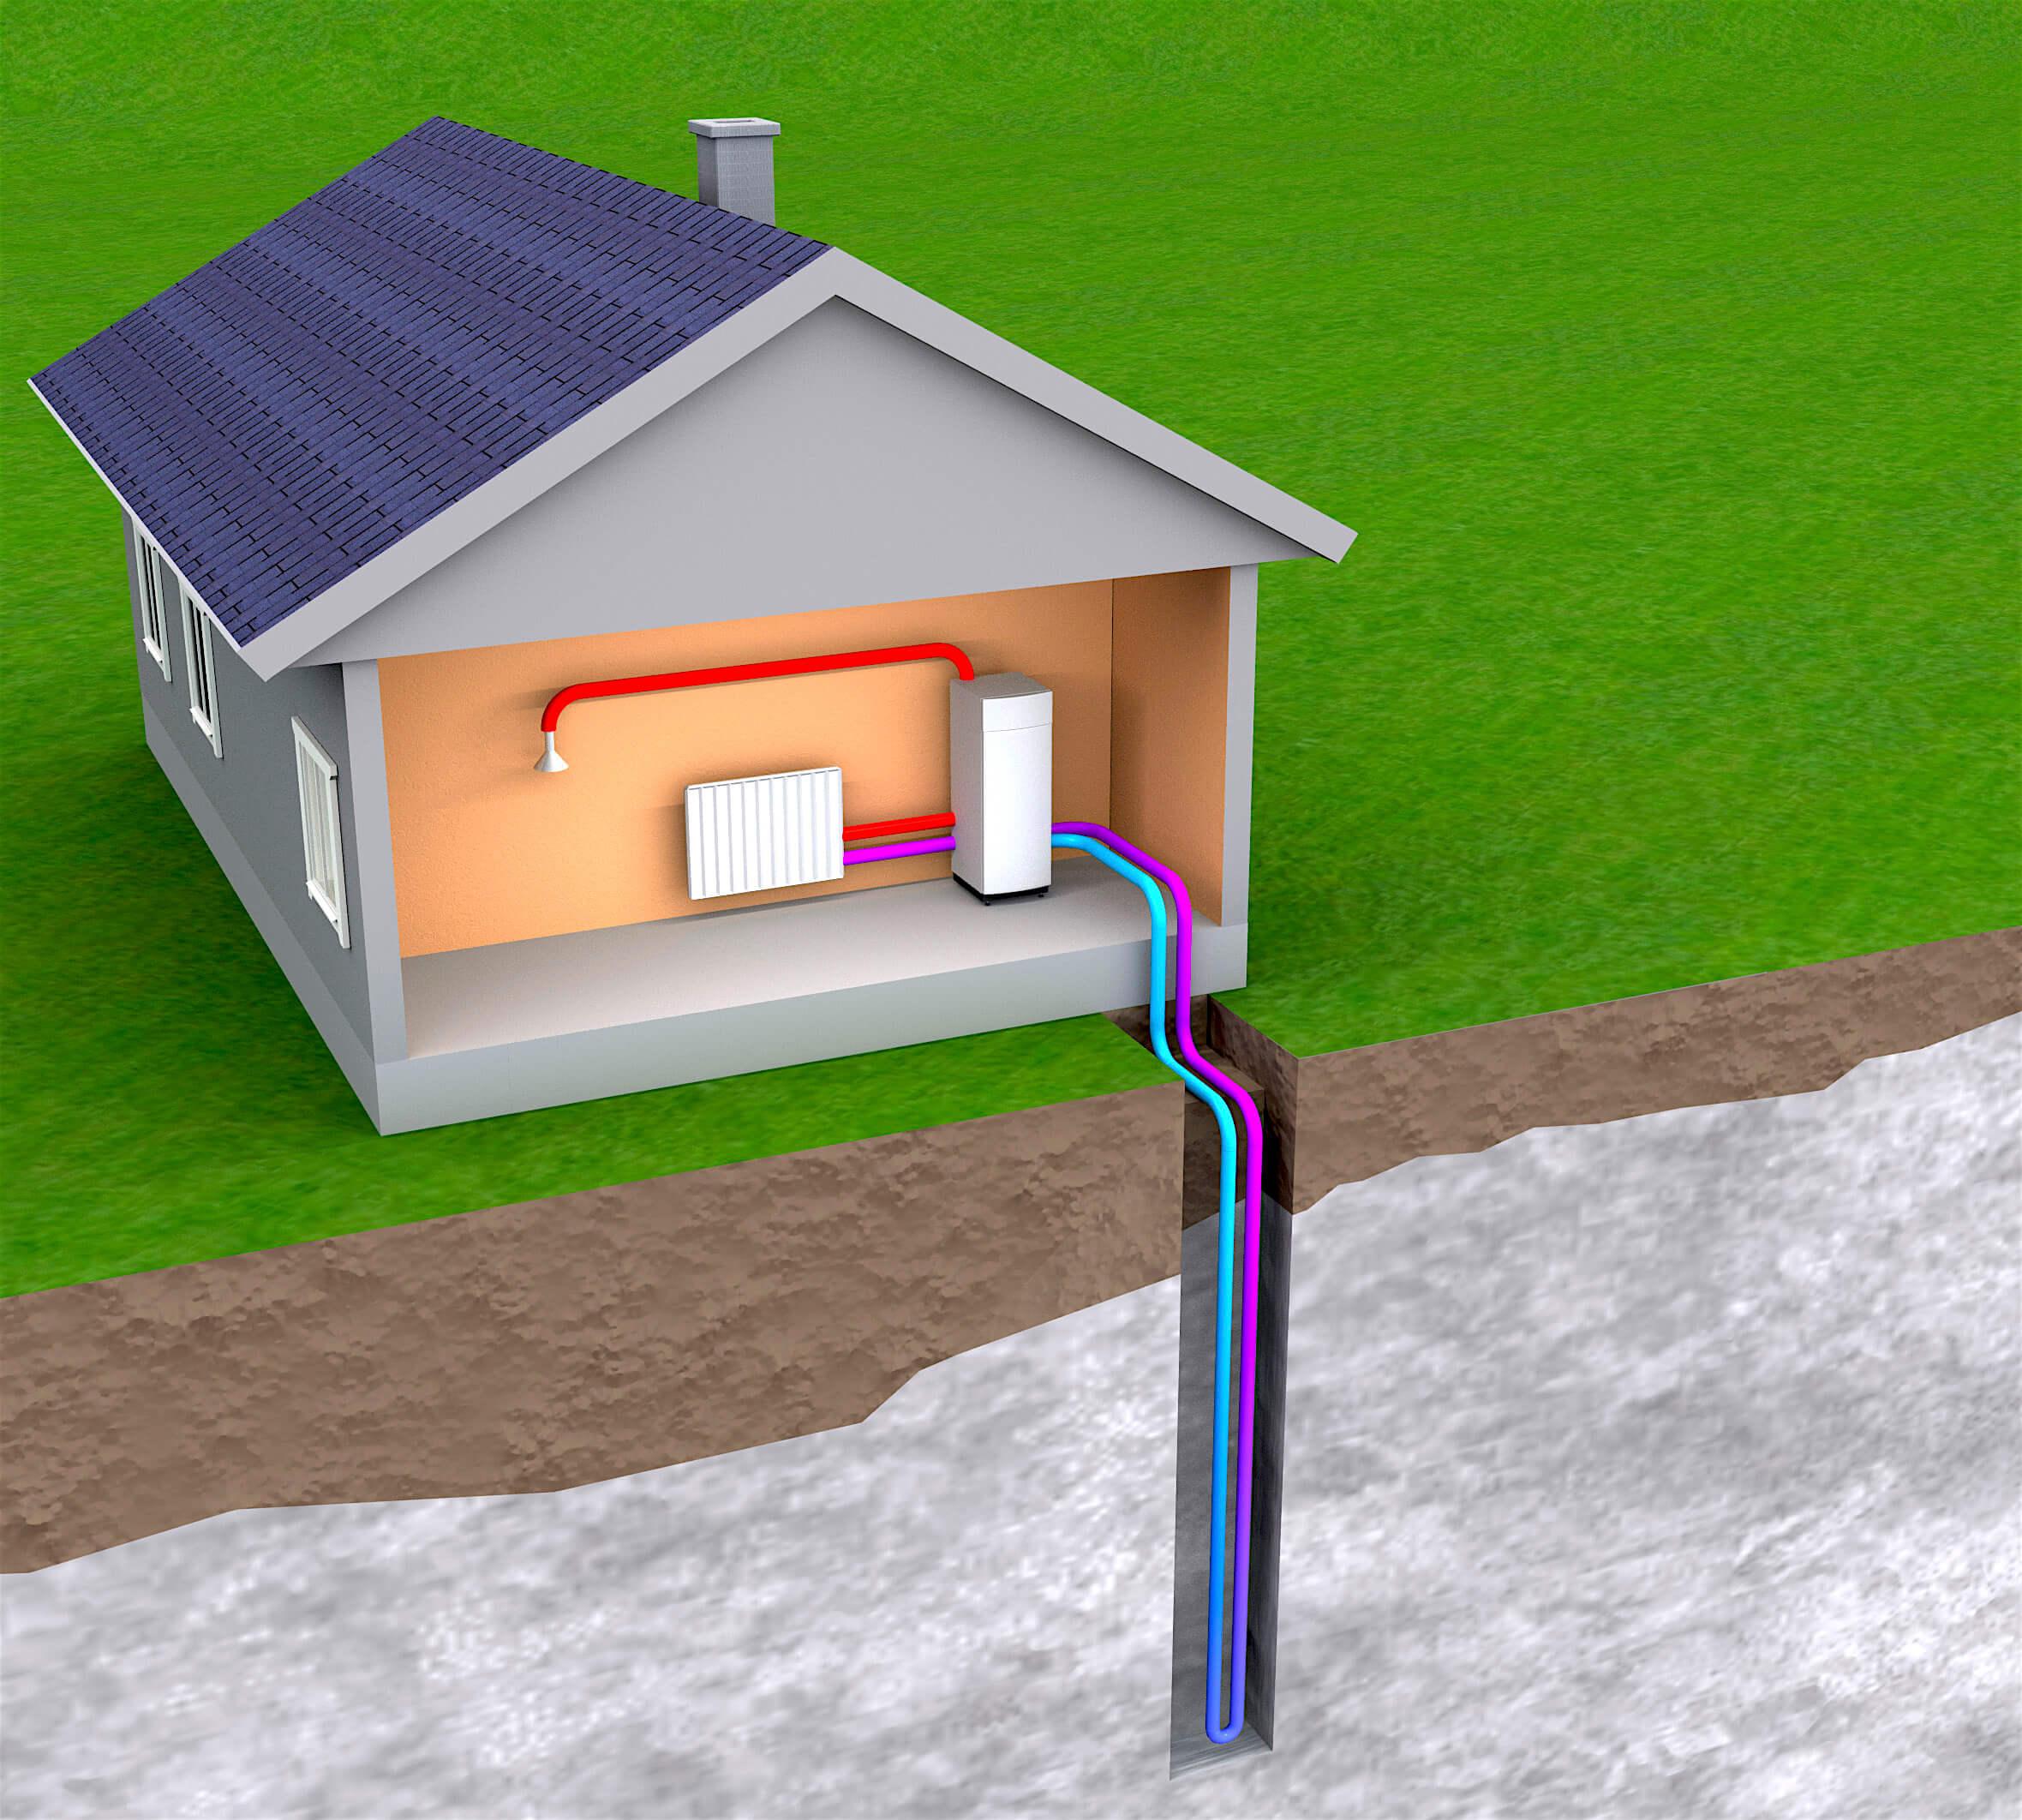 Тепловой насос геотермальный для отопления дома: система, трубы и характеристики